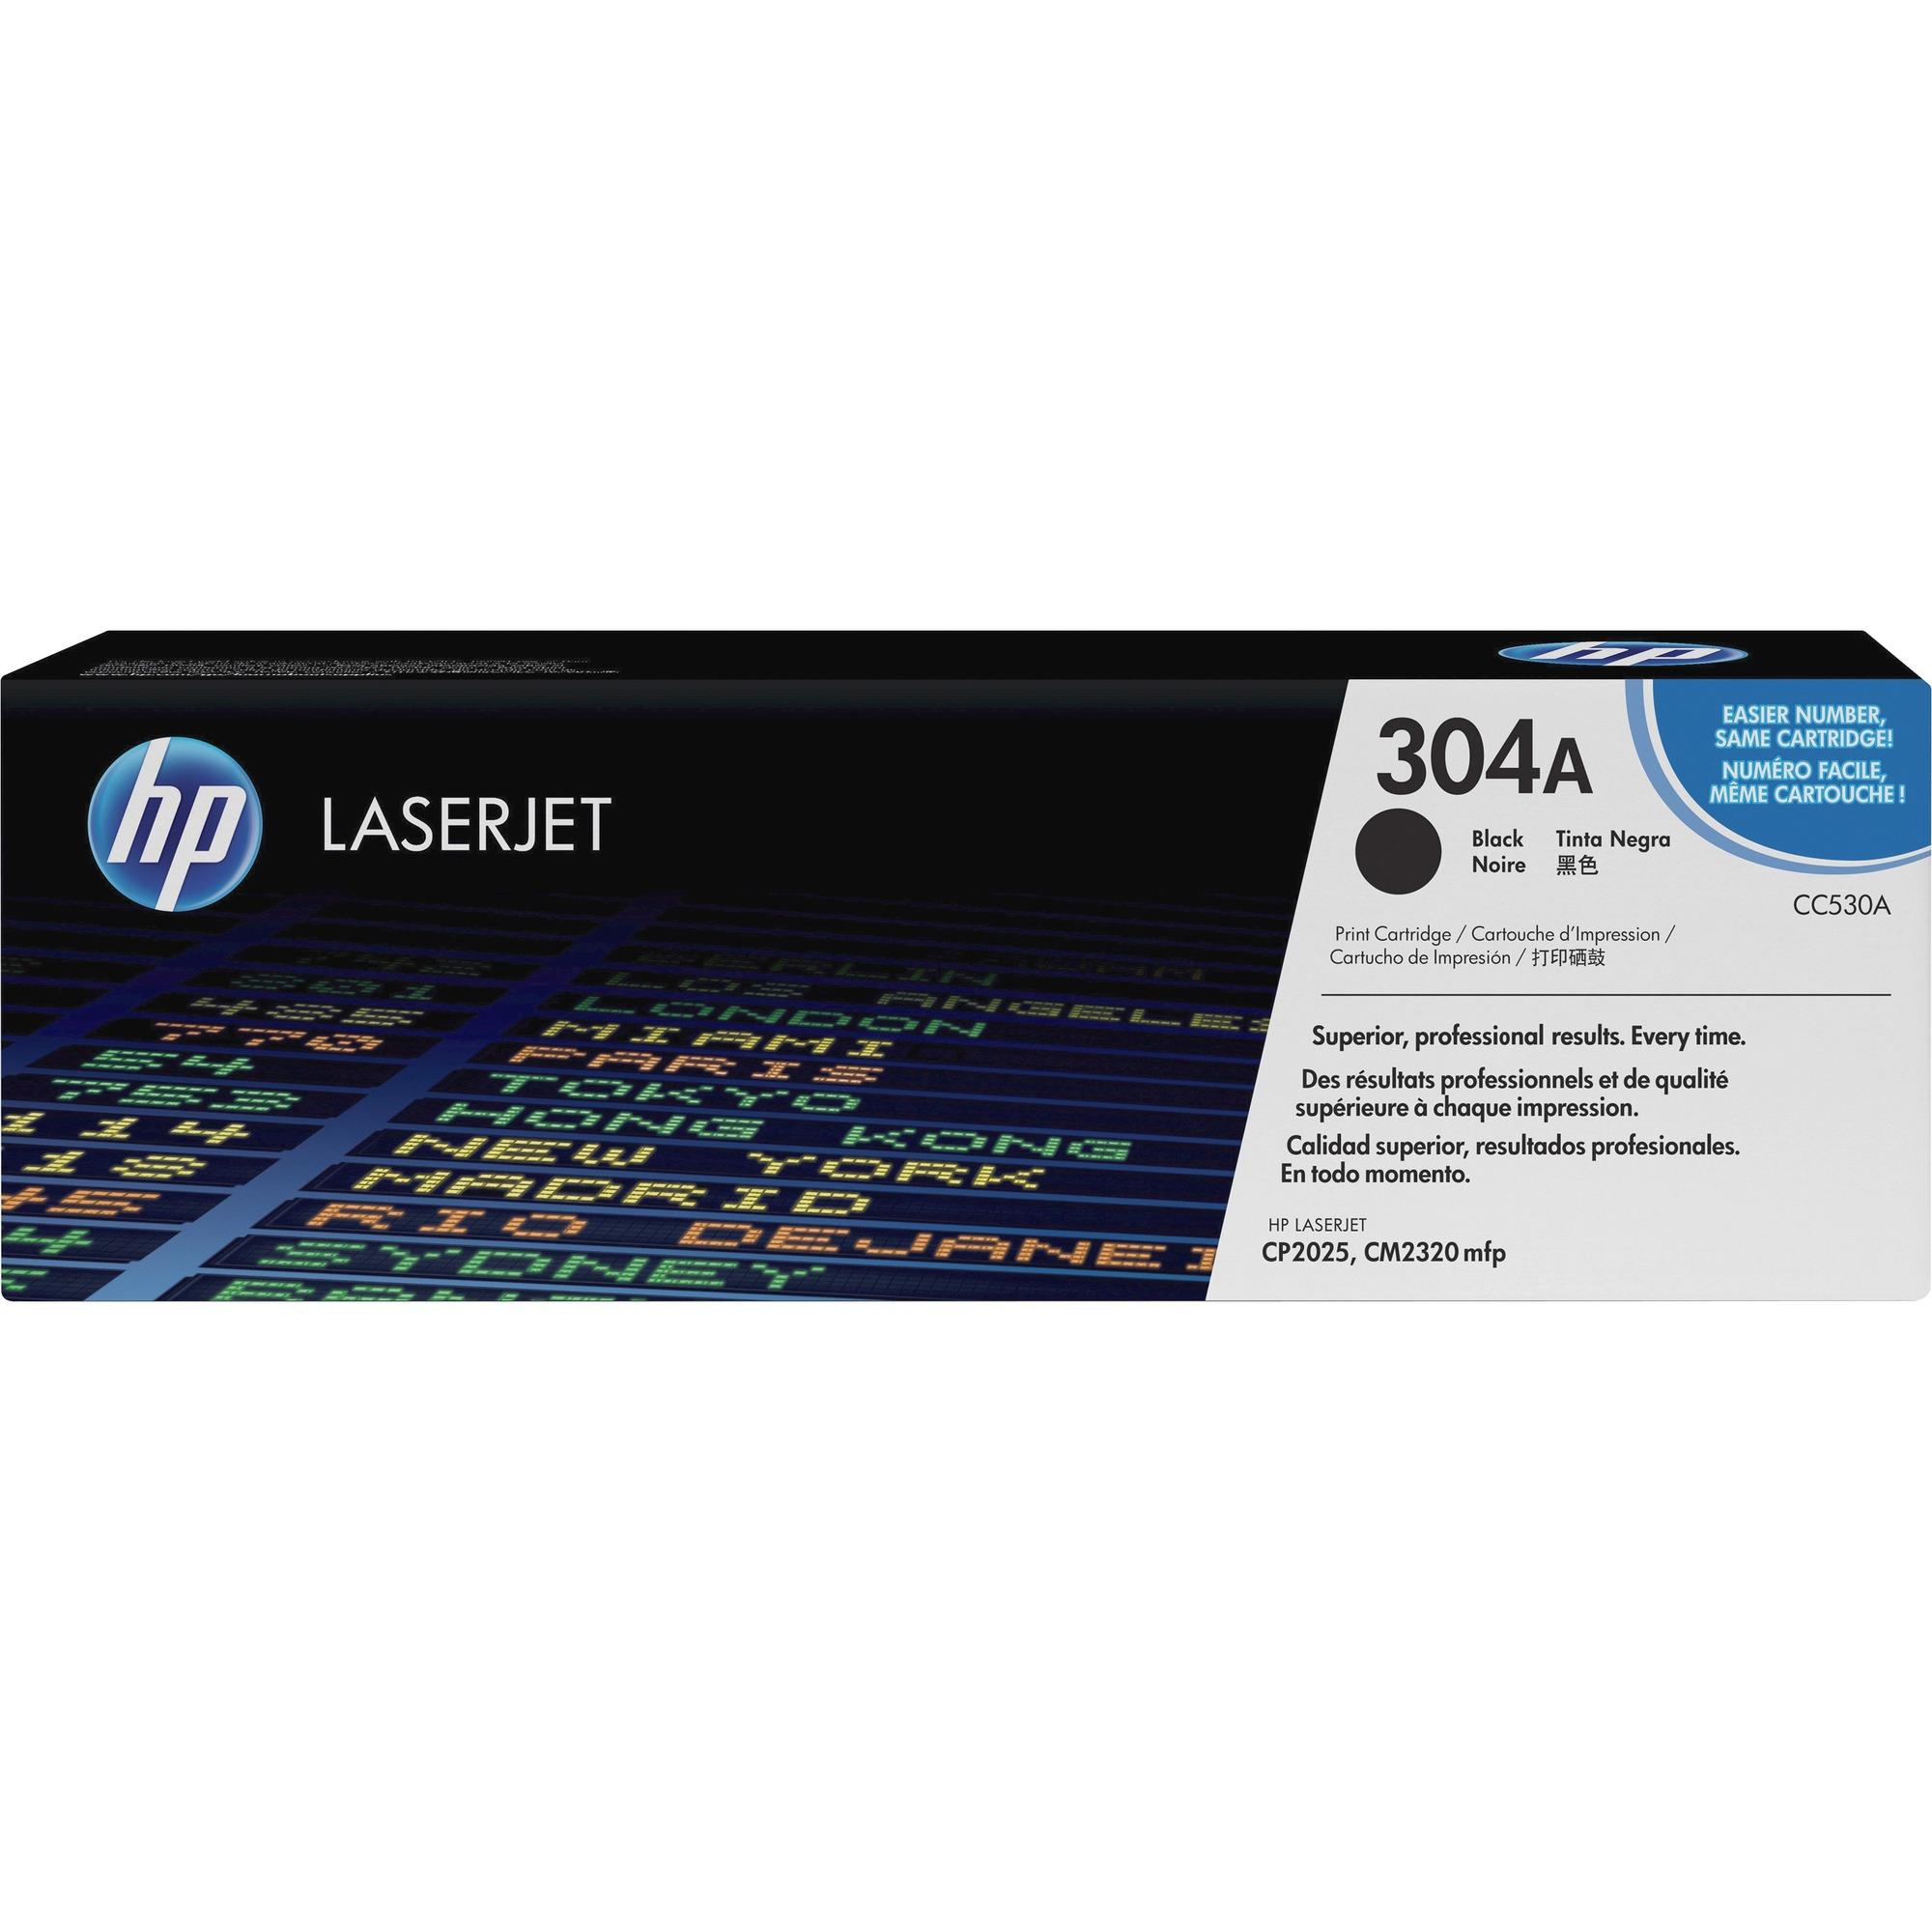 HP CC530A/AD Toner Cartridges